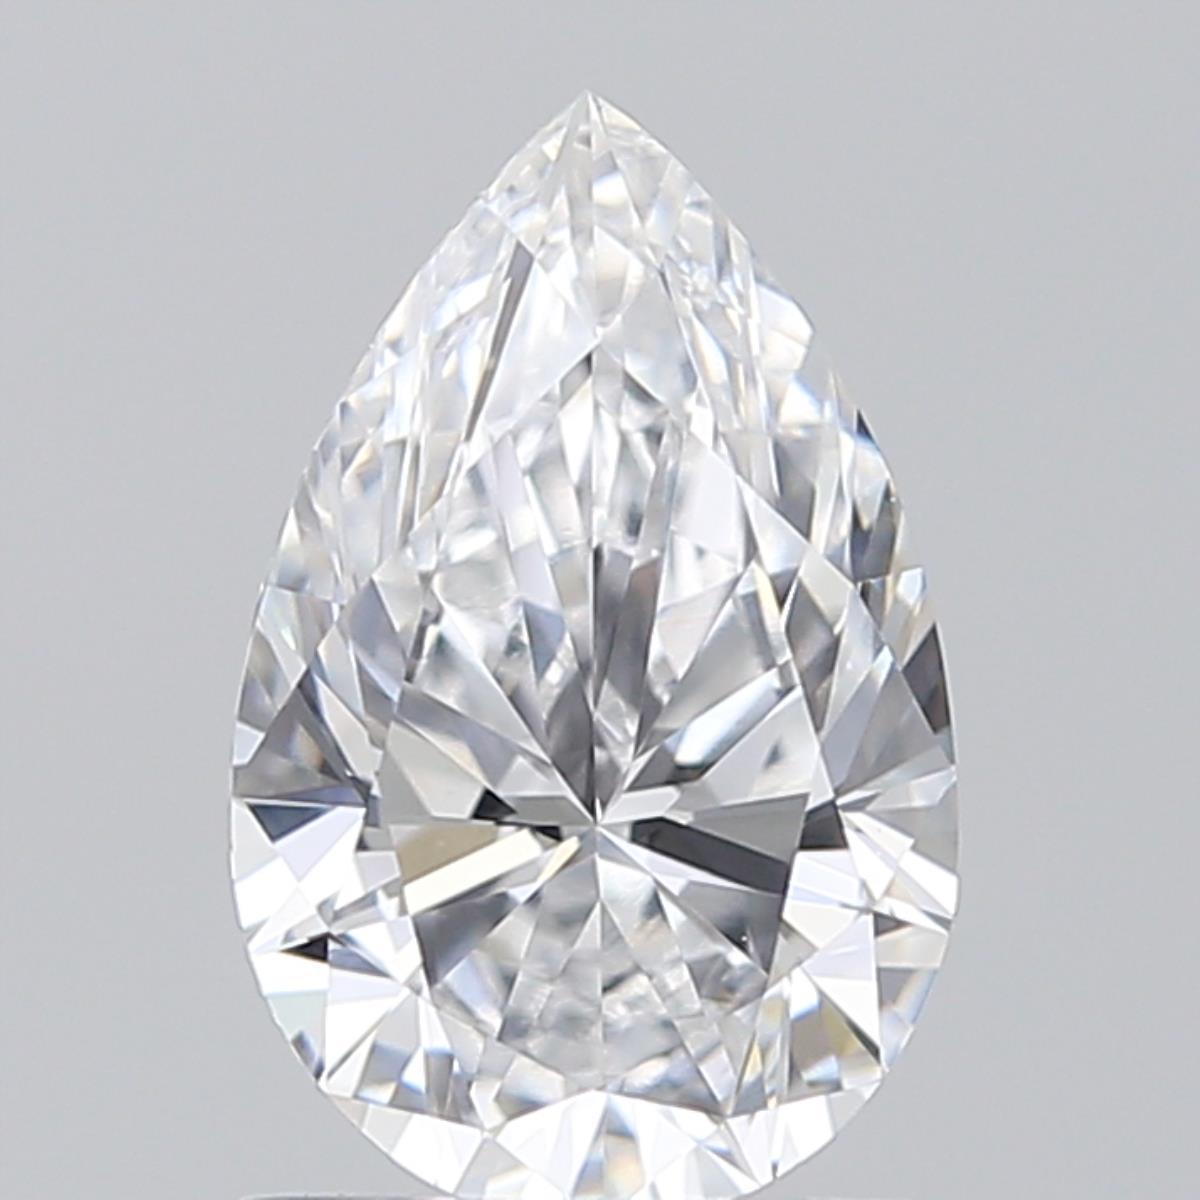 0.96 ct Pear Shape Diamond : D / VS1